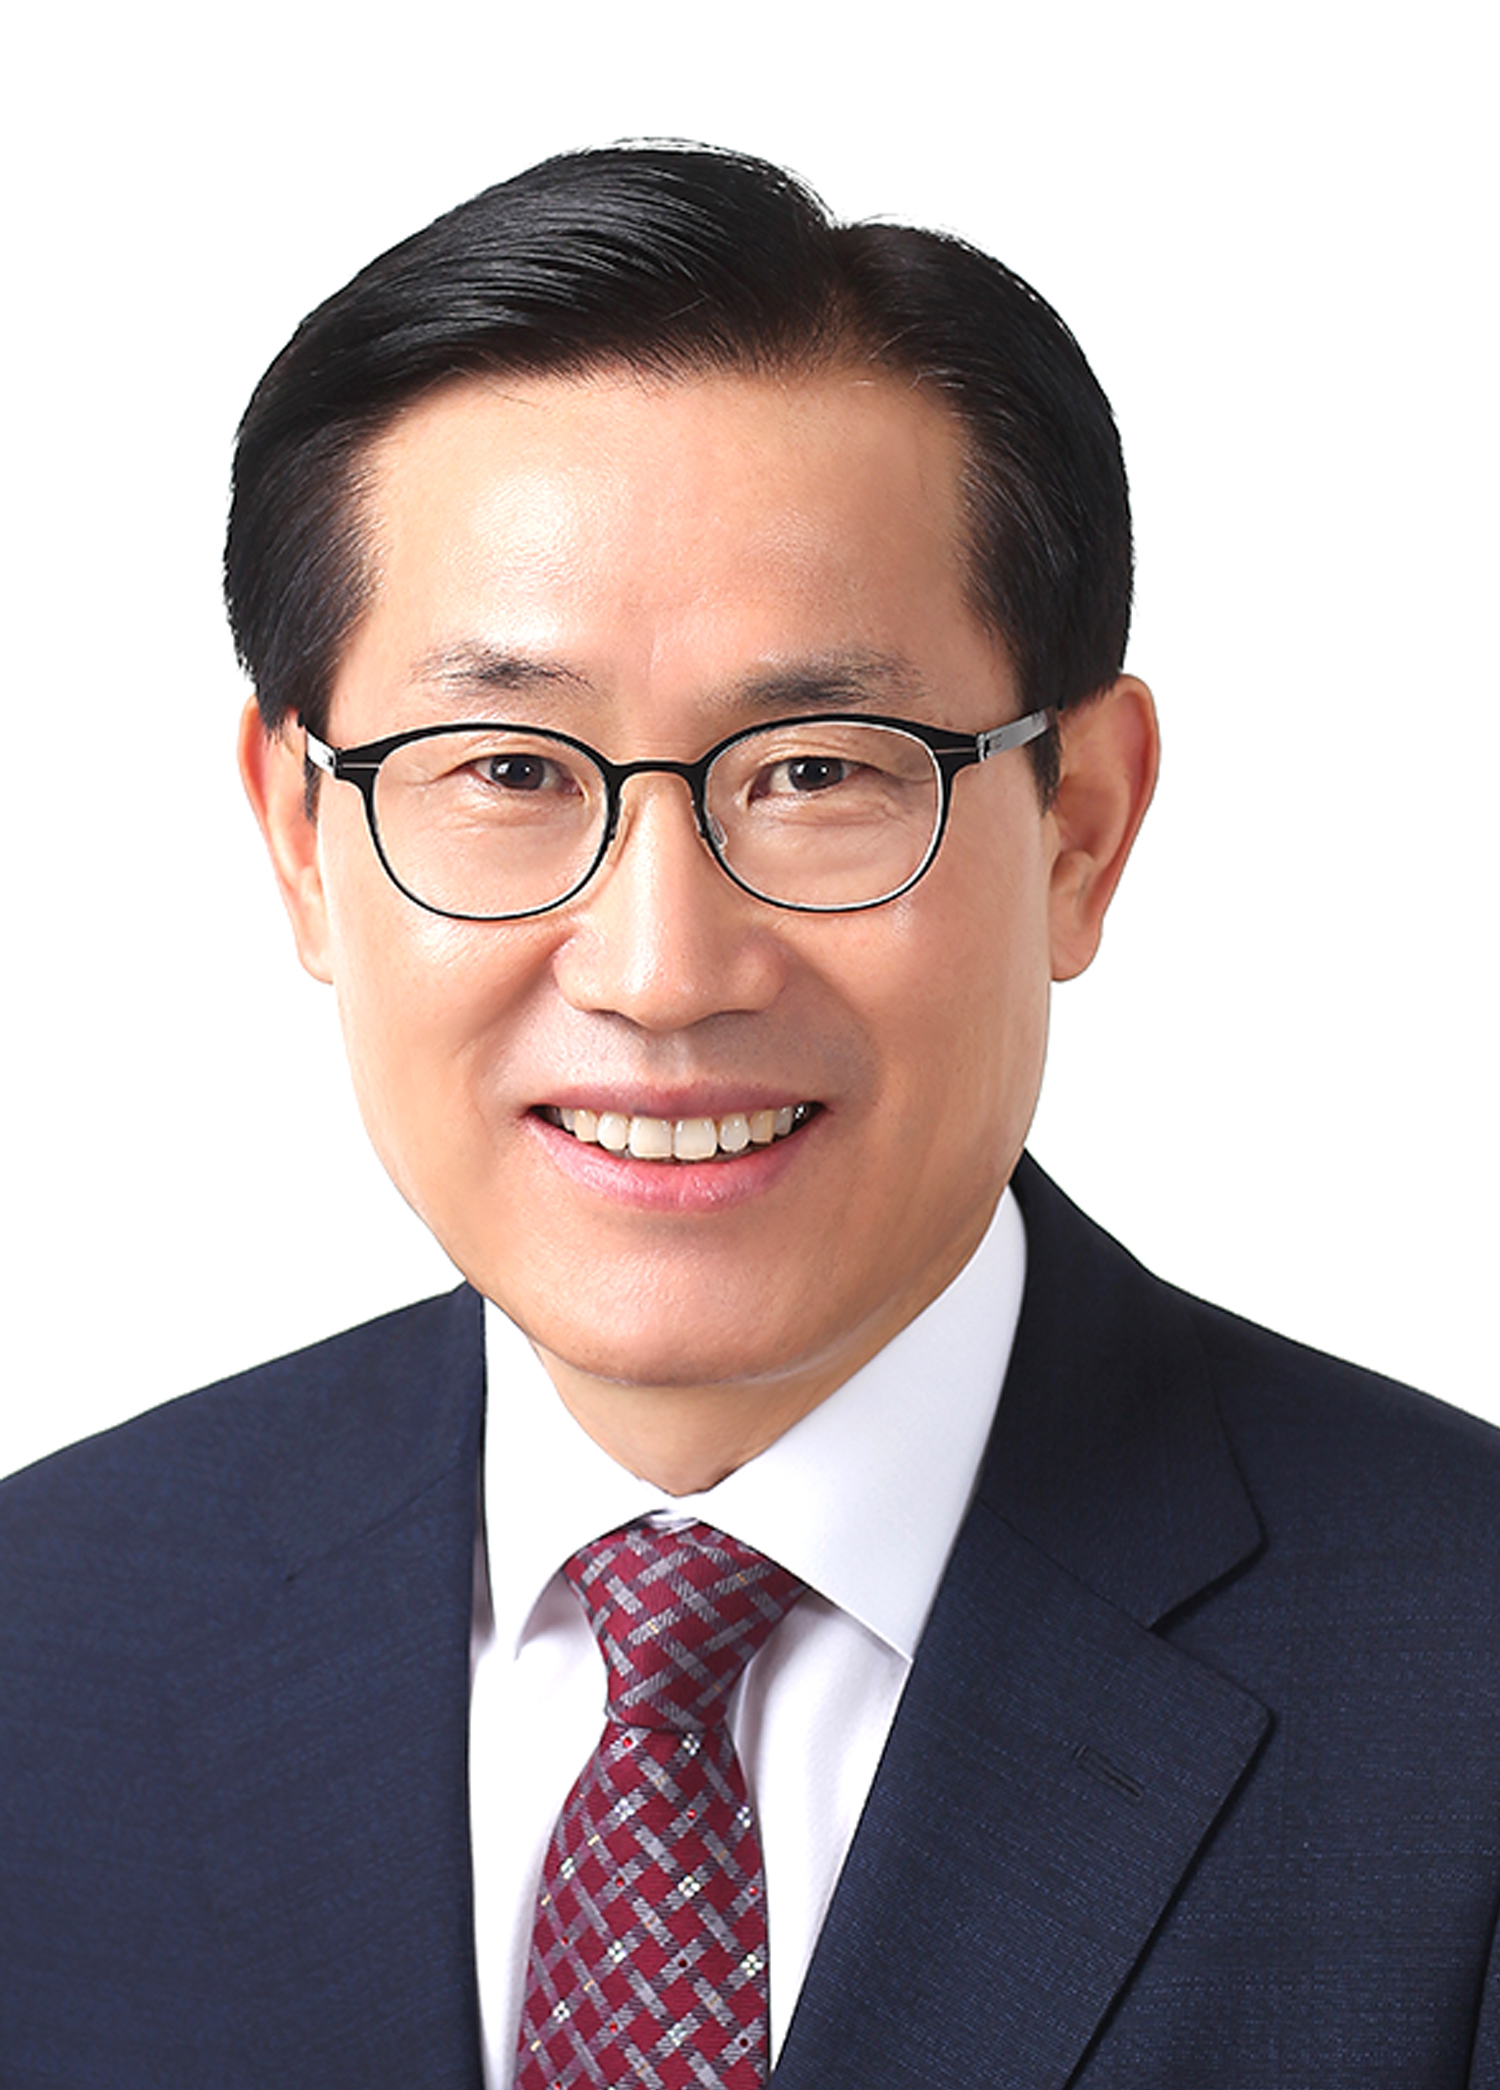 총회장 류정호 목사